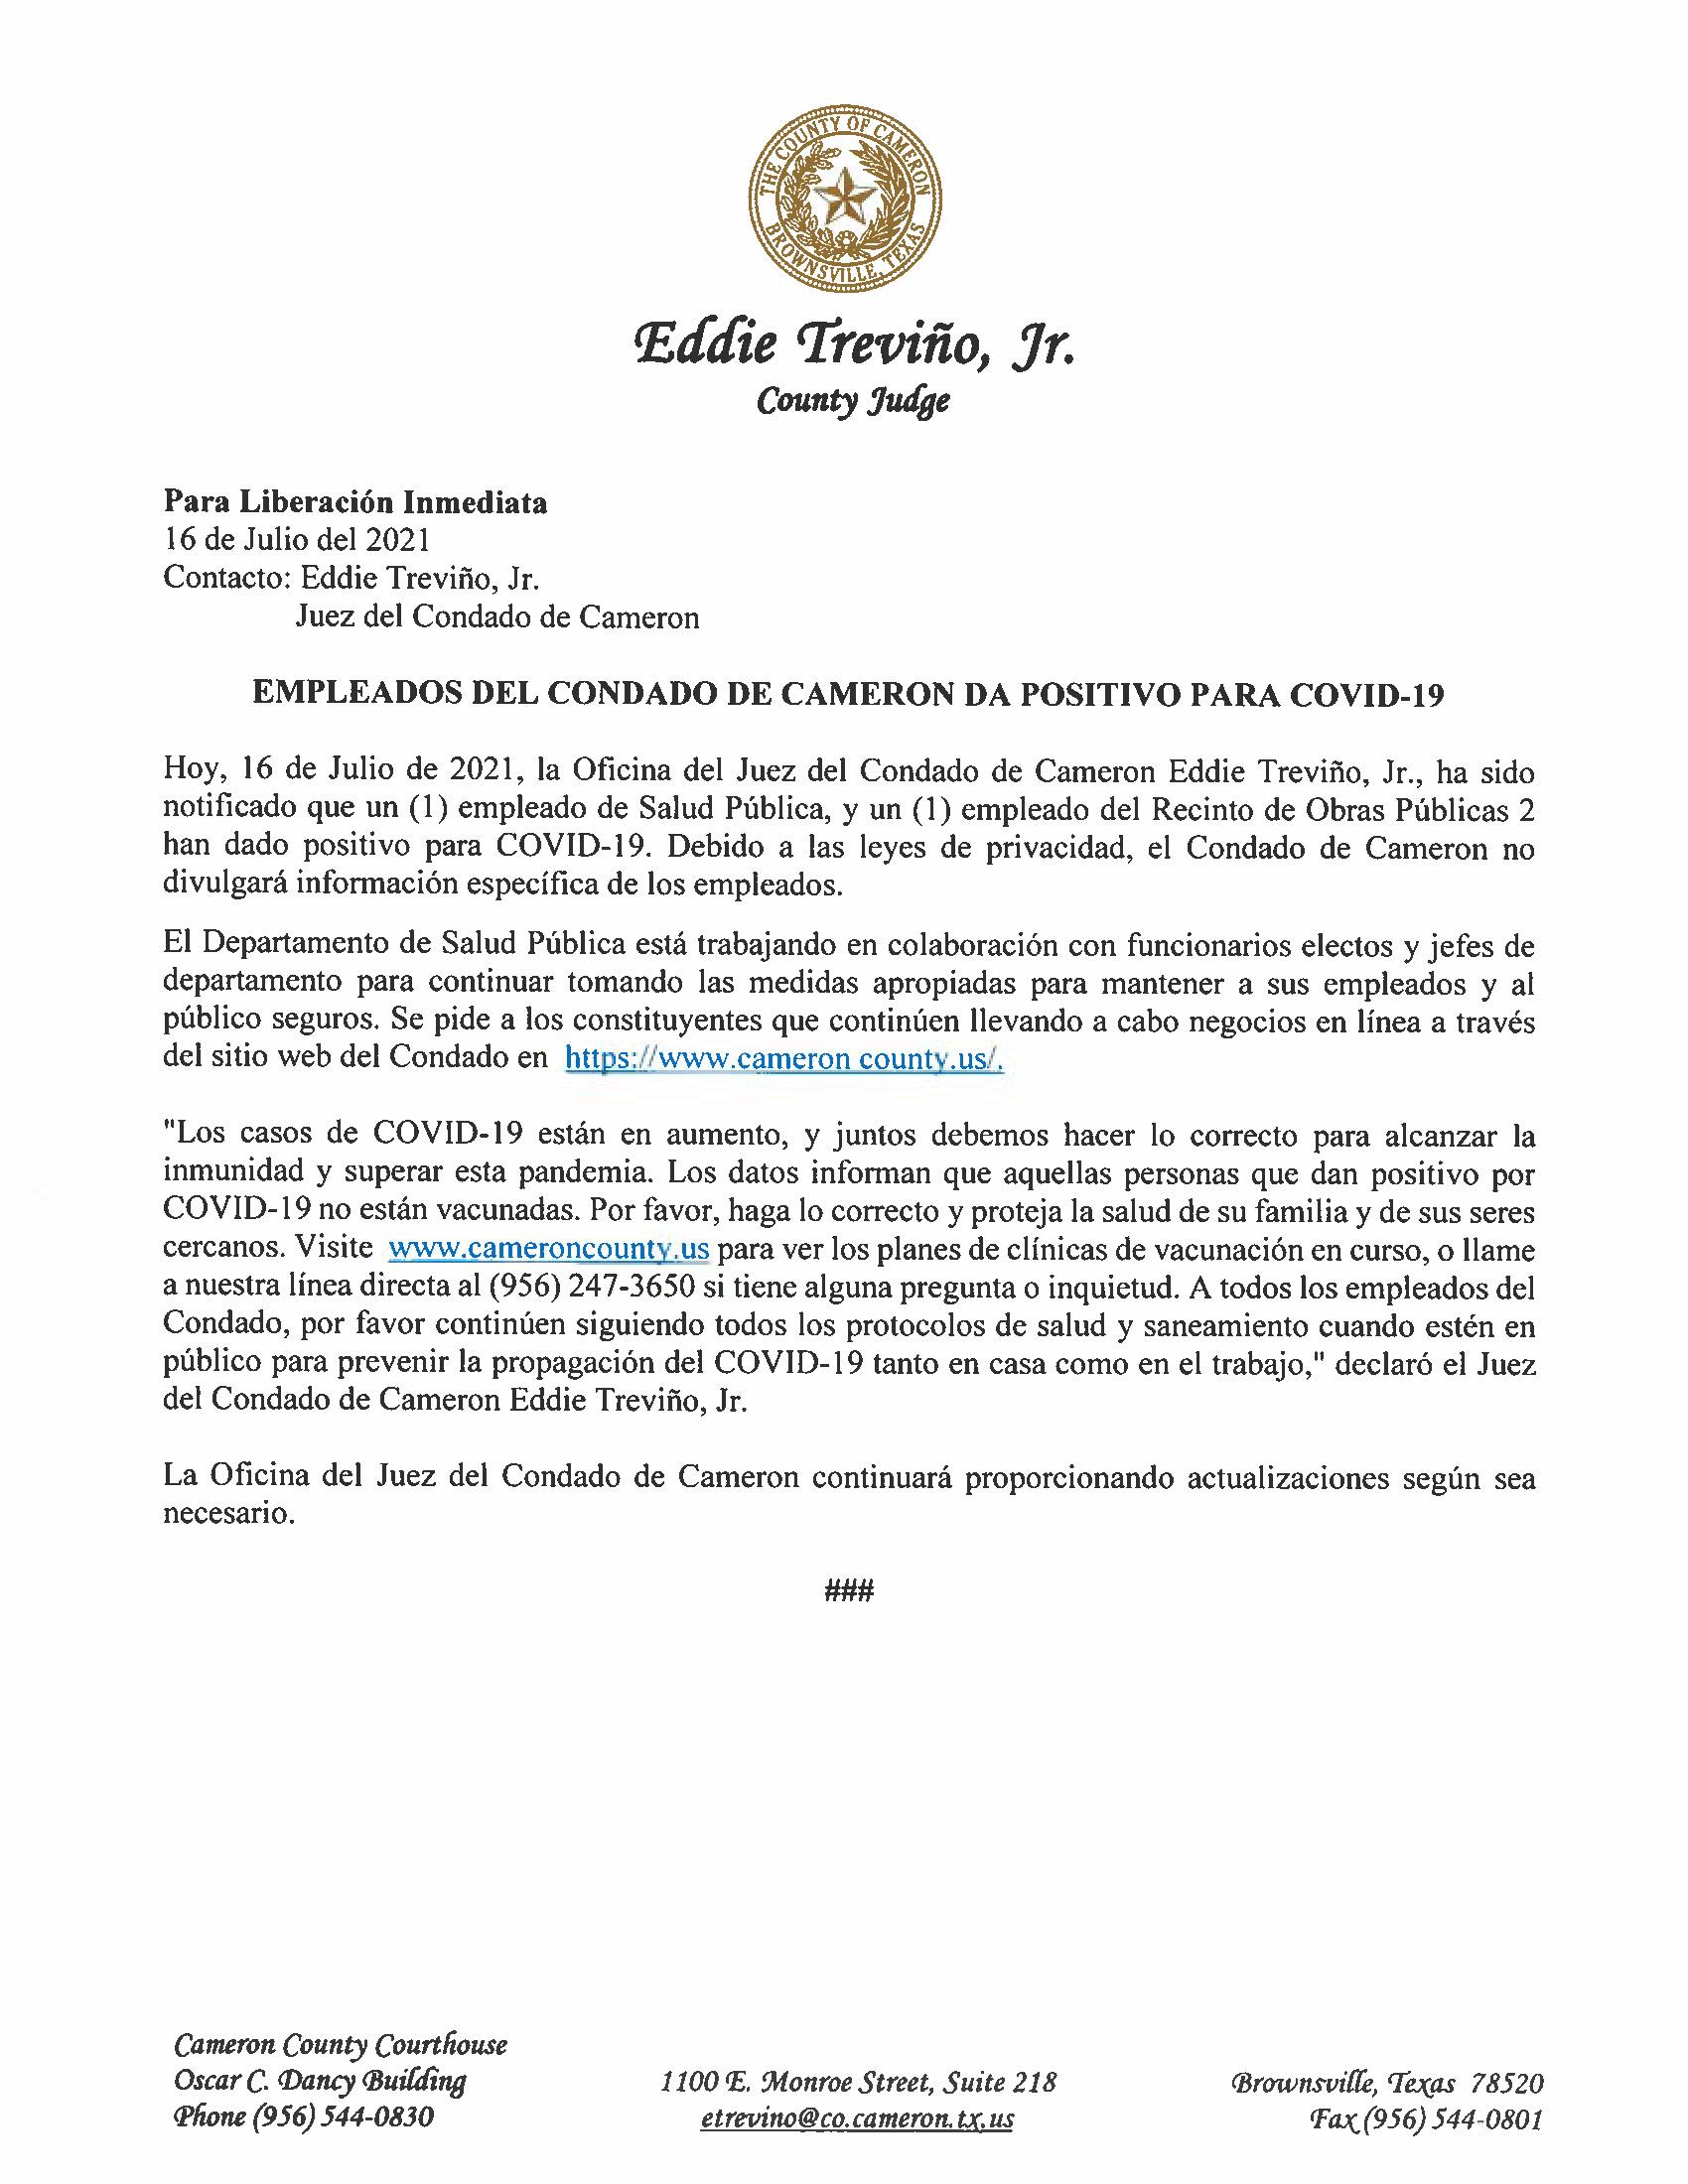 7.16.21 Empleados Del Condado De Cameron Dan Positivo Para COVID 19